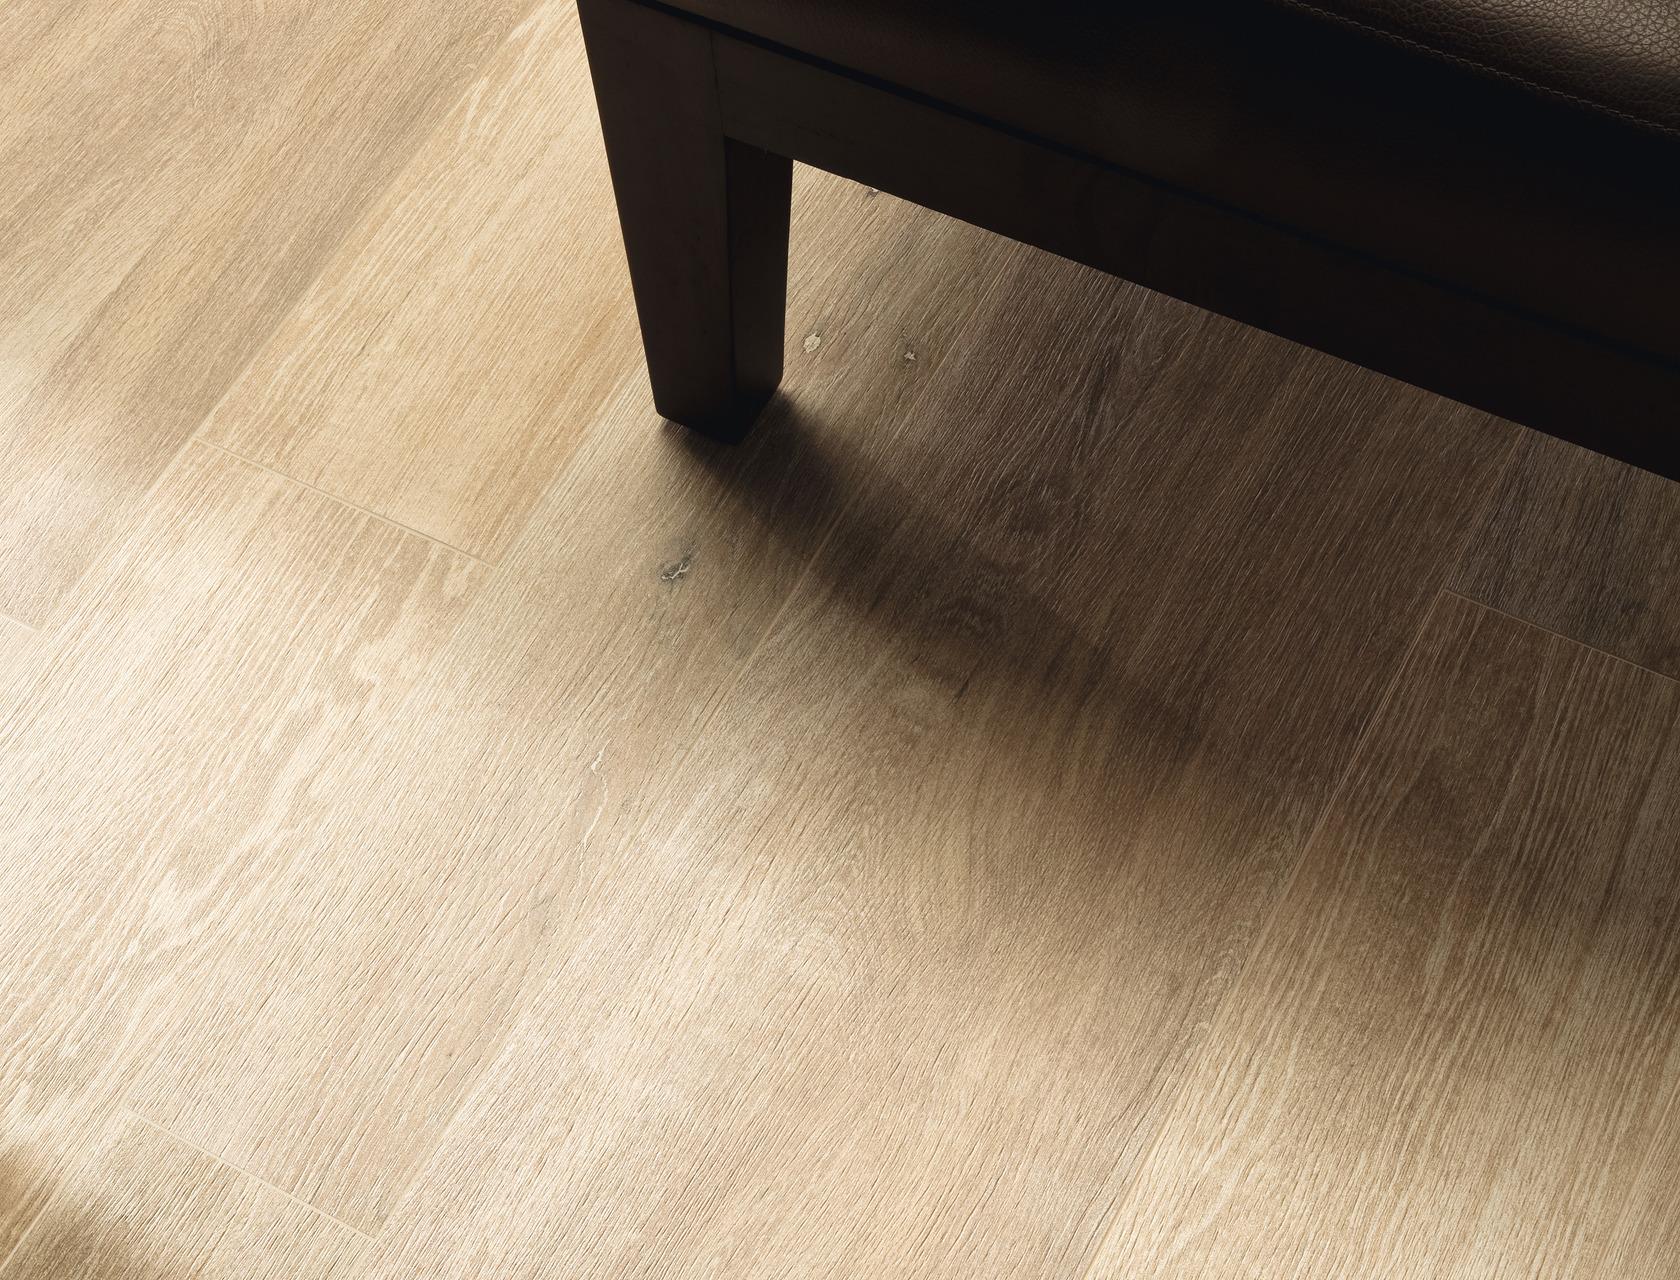 Pavimento Gres Rovere Sbiancato piastrelle effetto legno chiaro in gres porcellanato